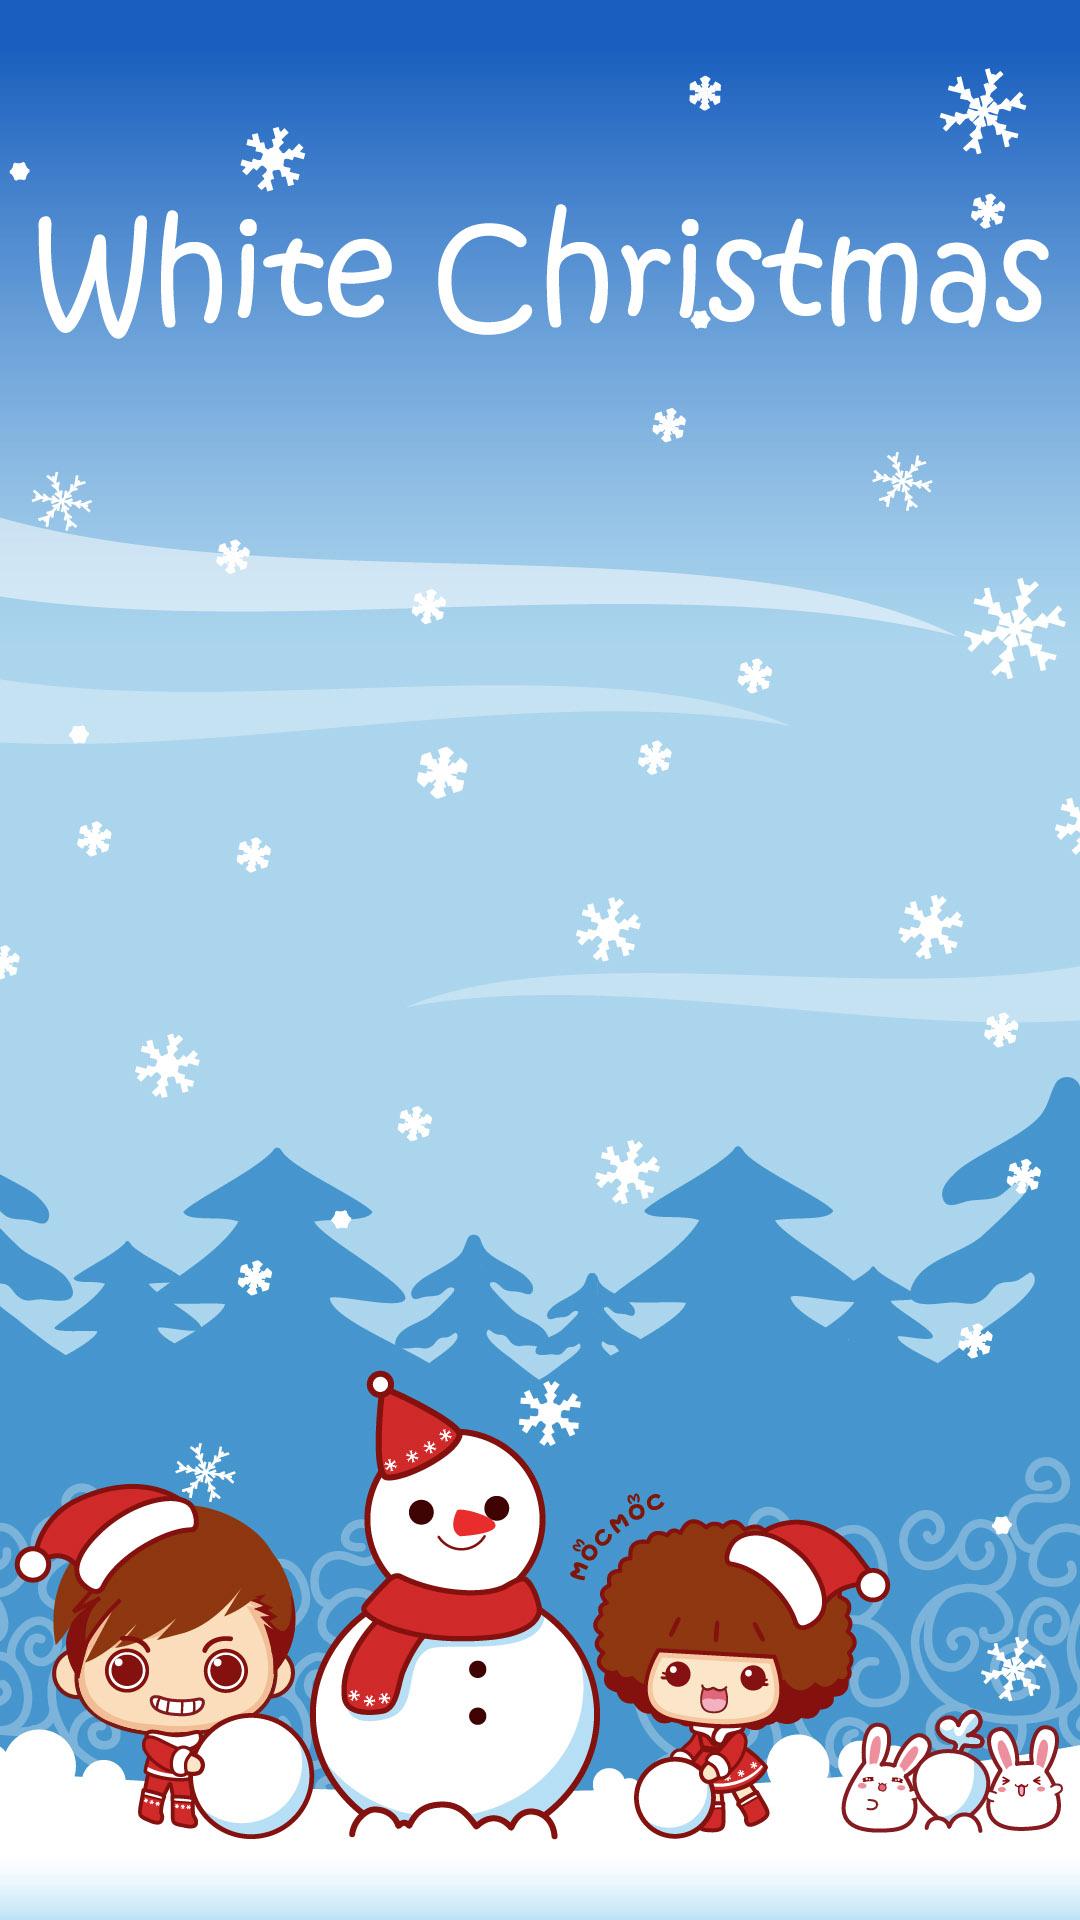 【1080x1920】11款可爱摩丝摩丝圣诞壁纸